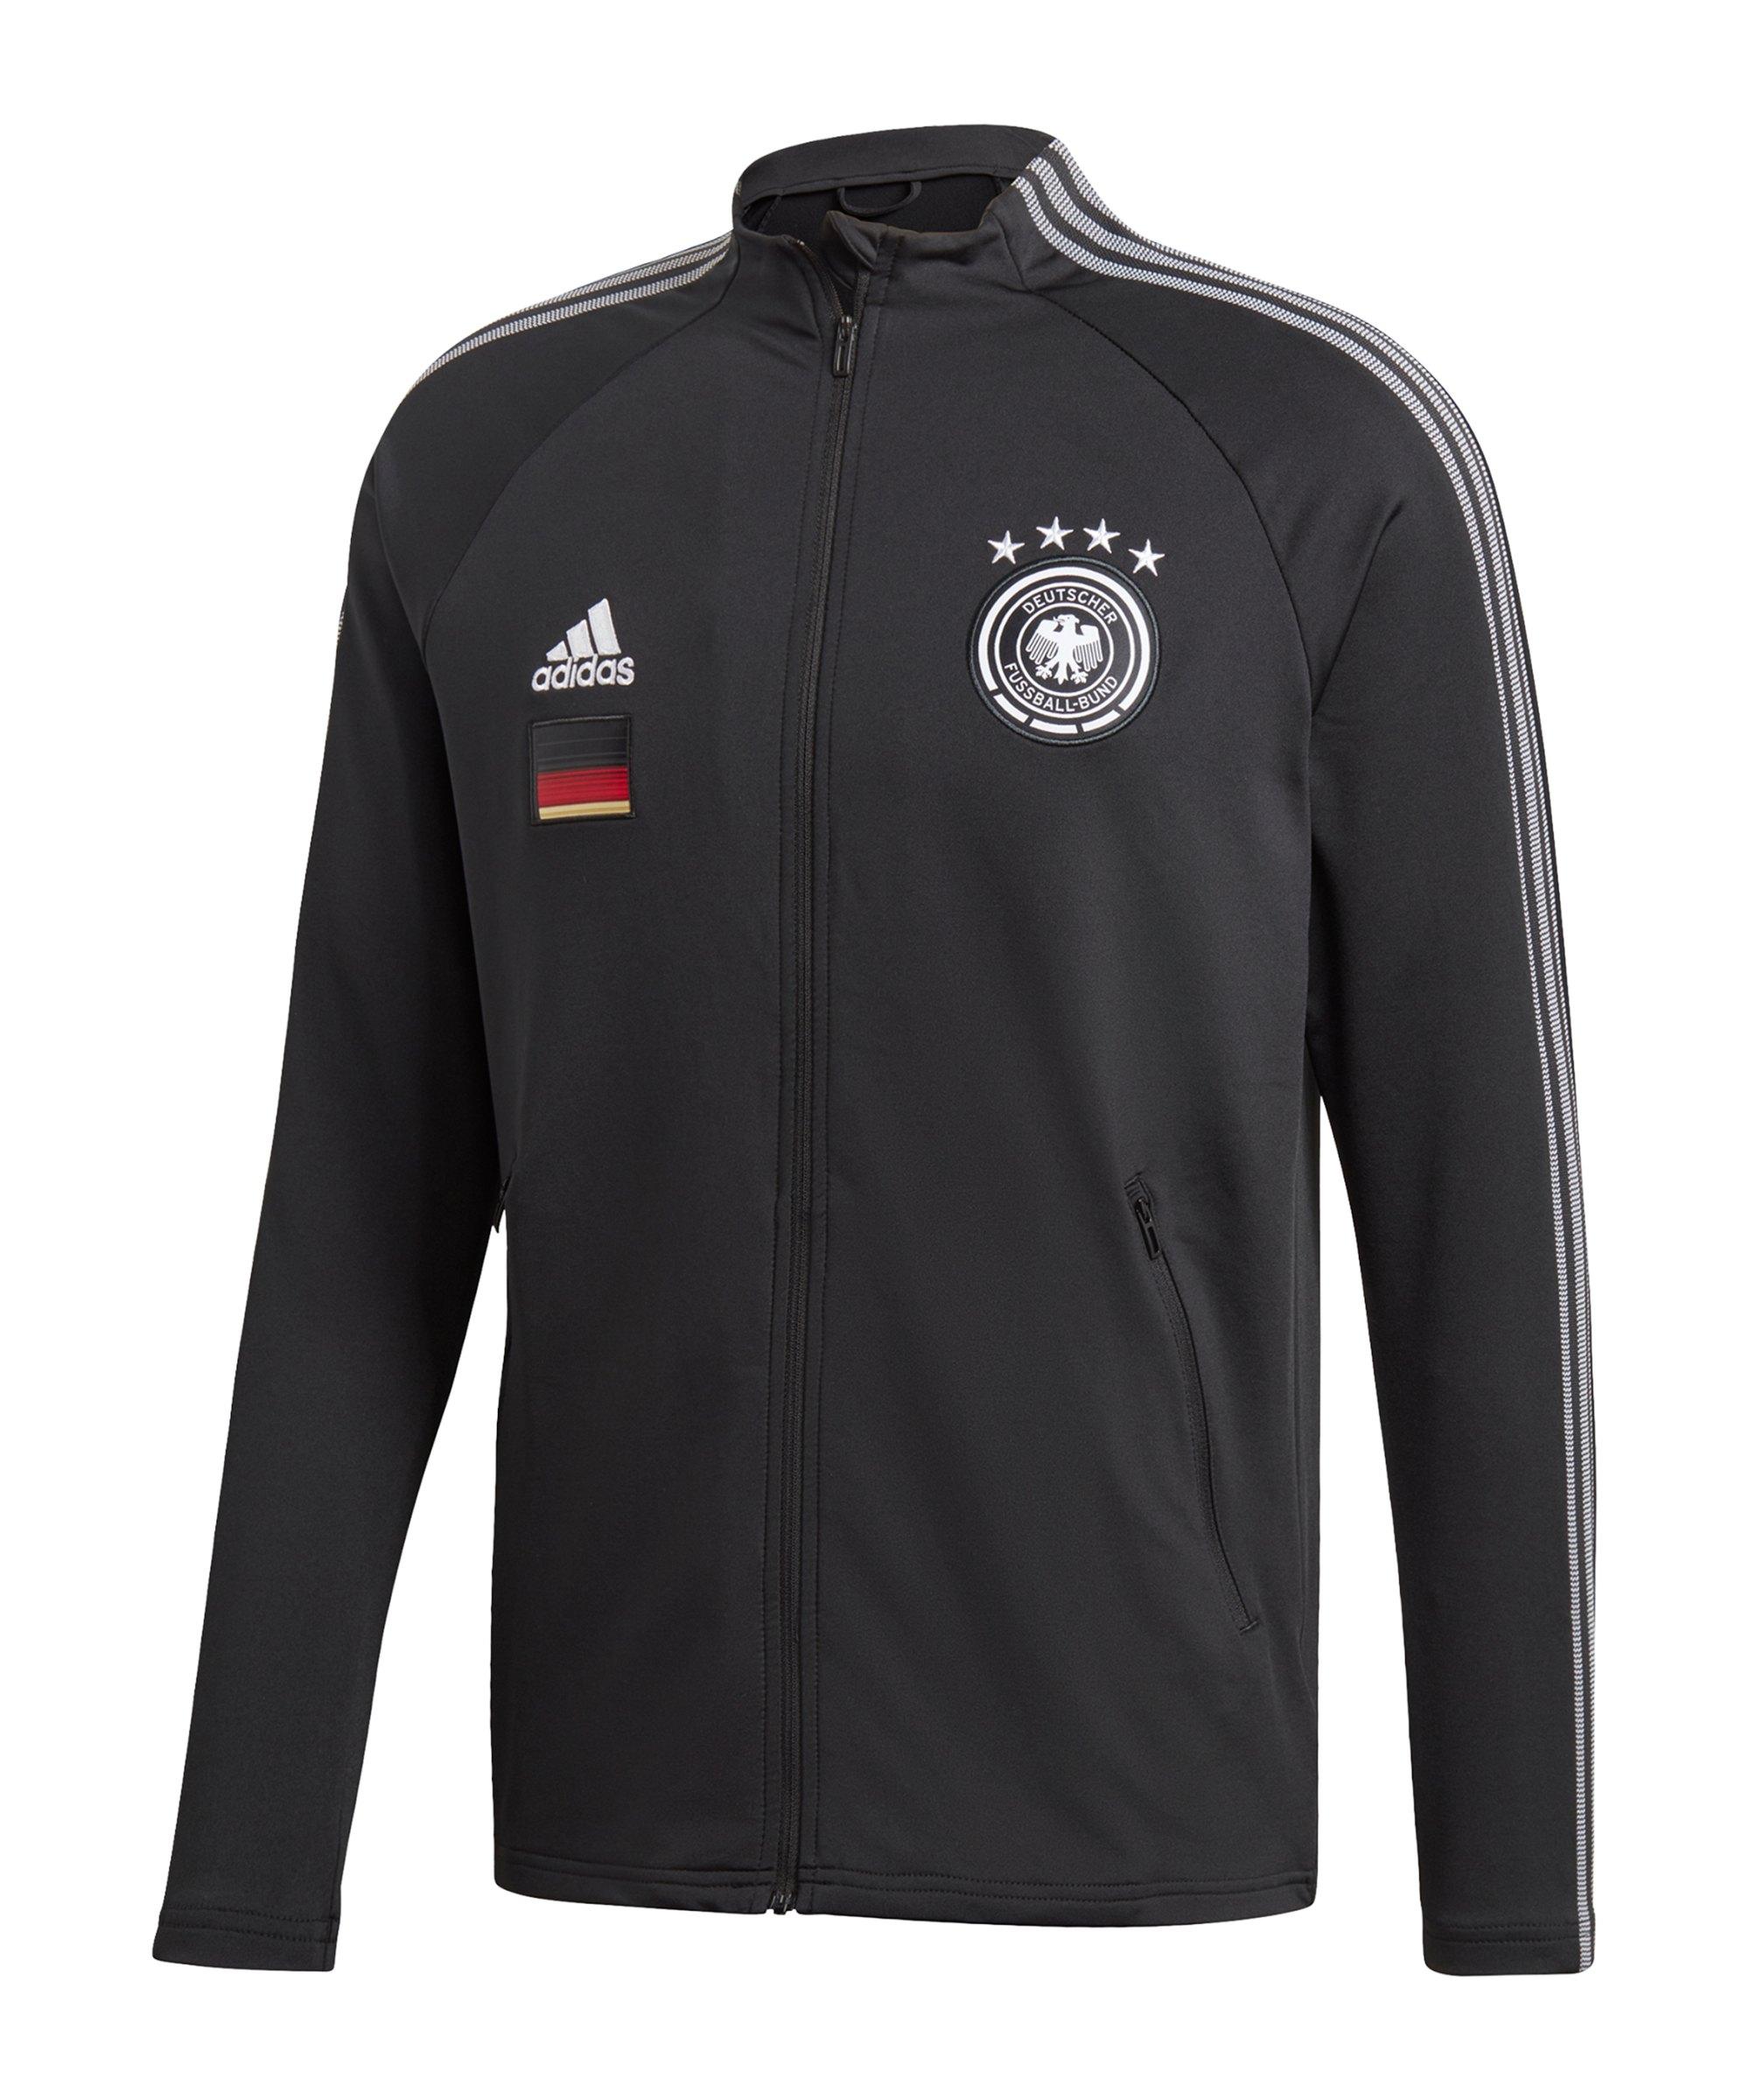 adidas DFB Deutschland Anthem Jacke Kids Schwarz - schwarz